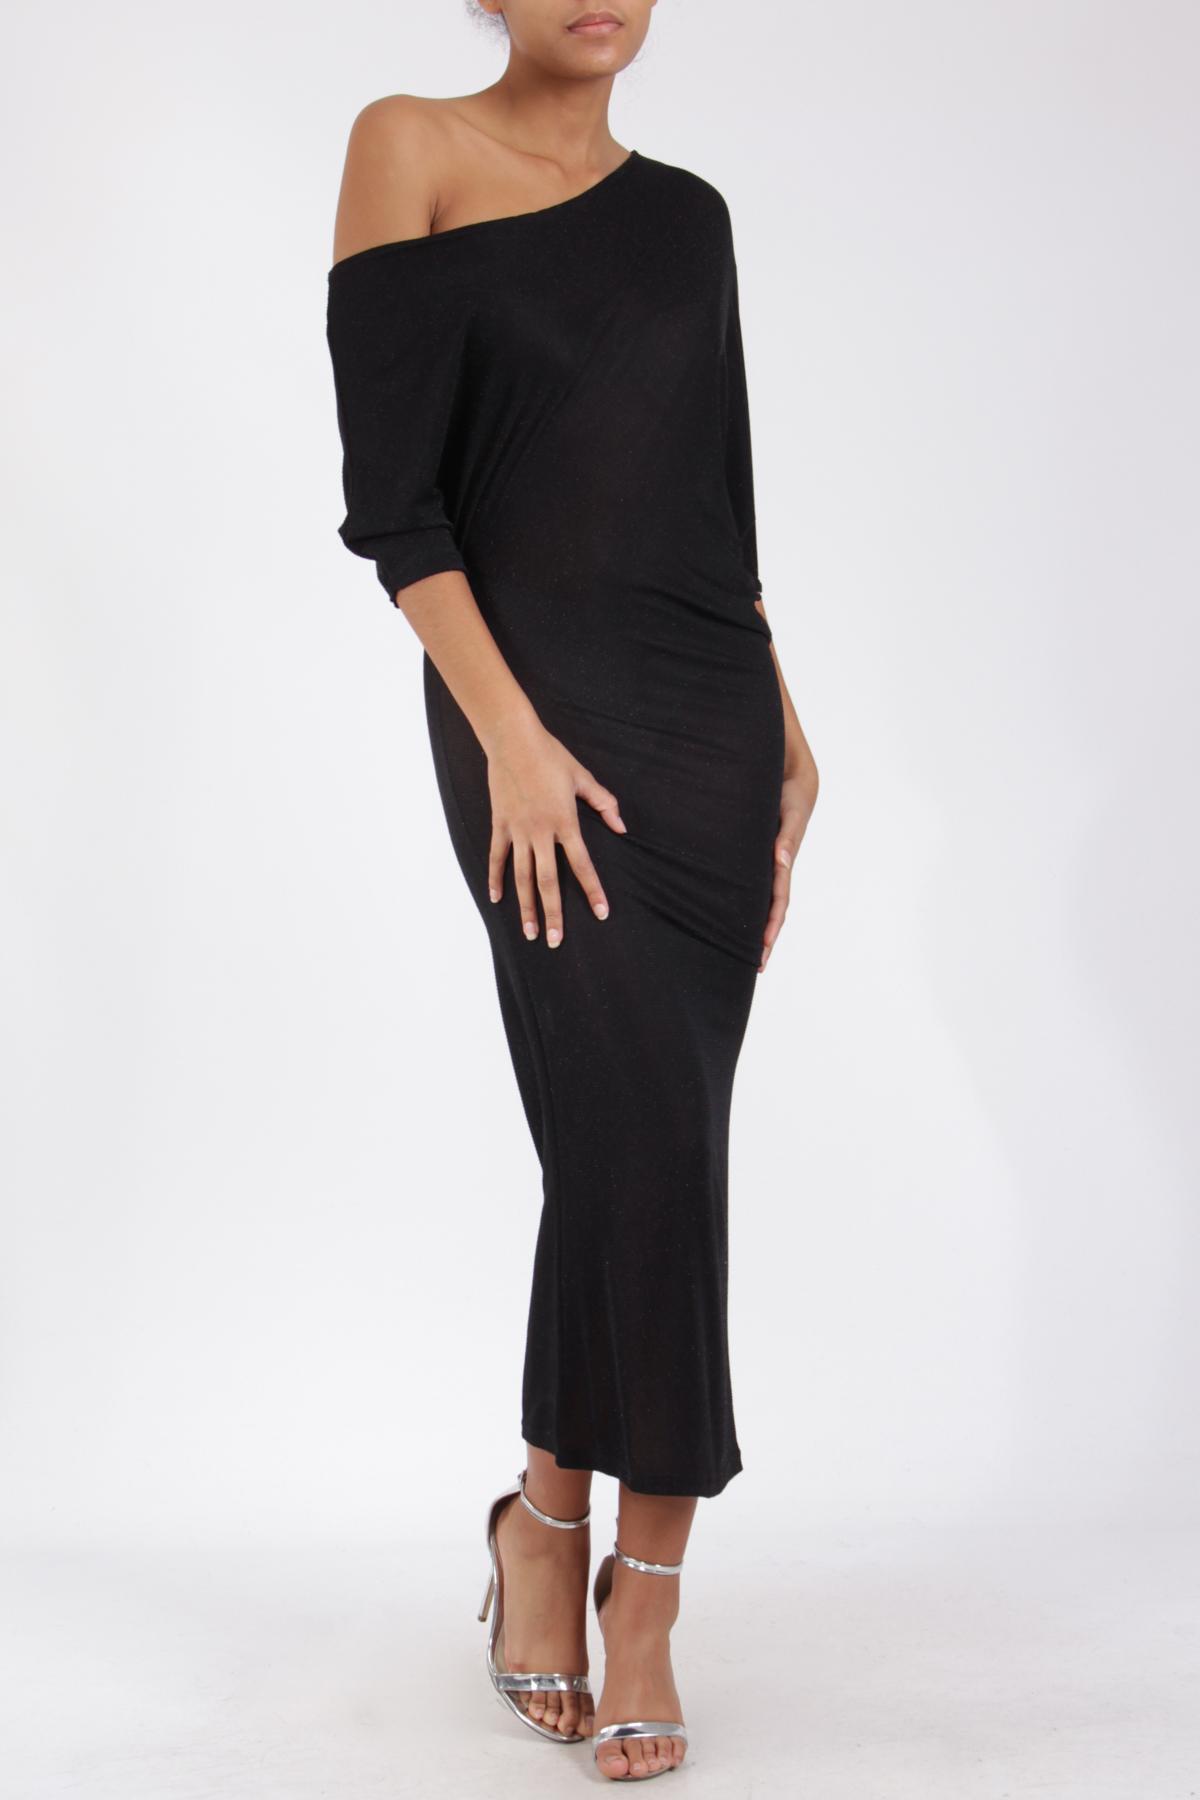 Robes longues Femme K2016-NOIR BRILLANT TROIS KA